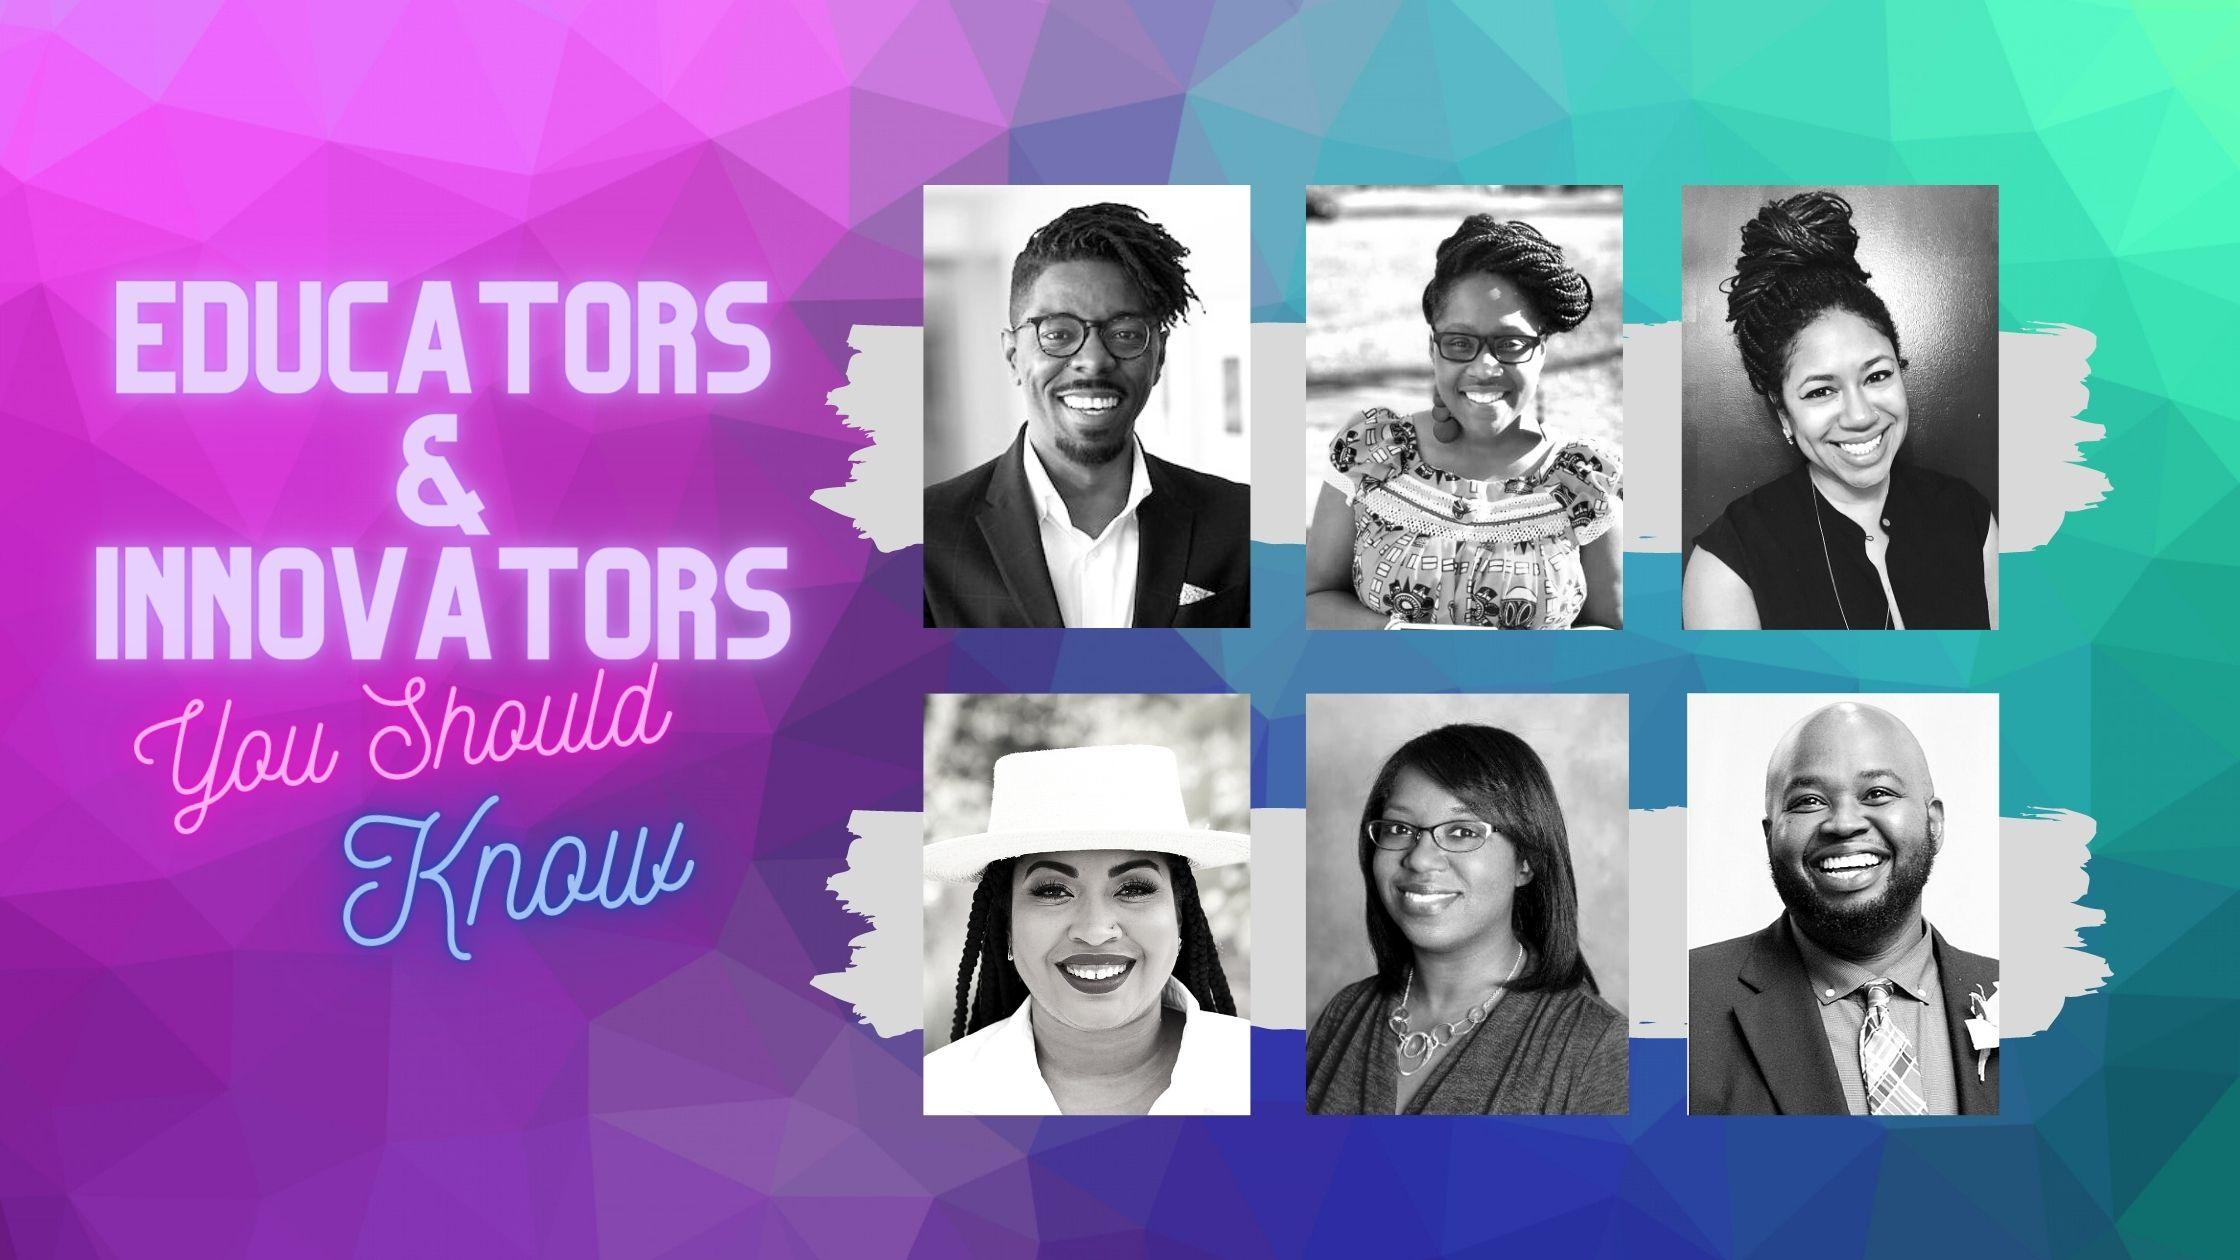 Black Educators & Innovators